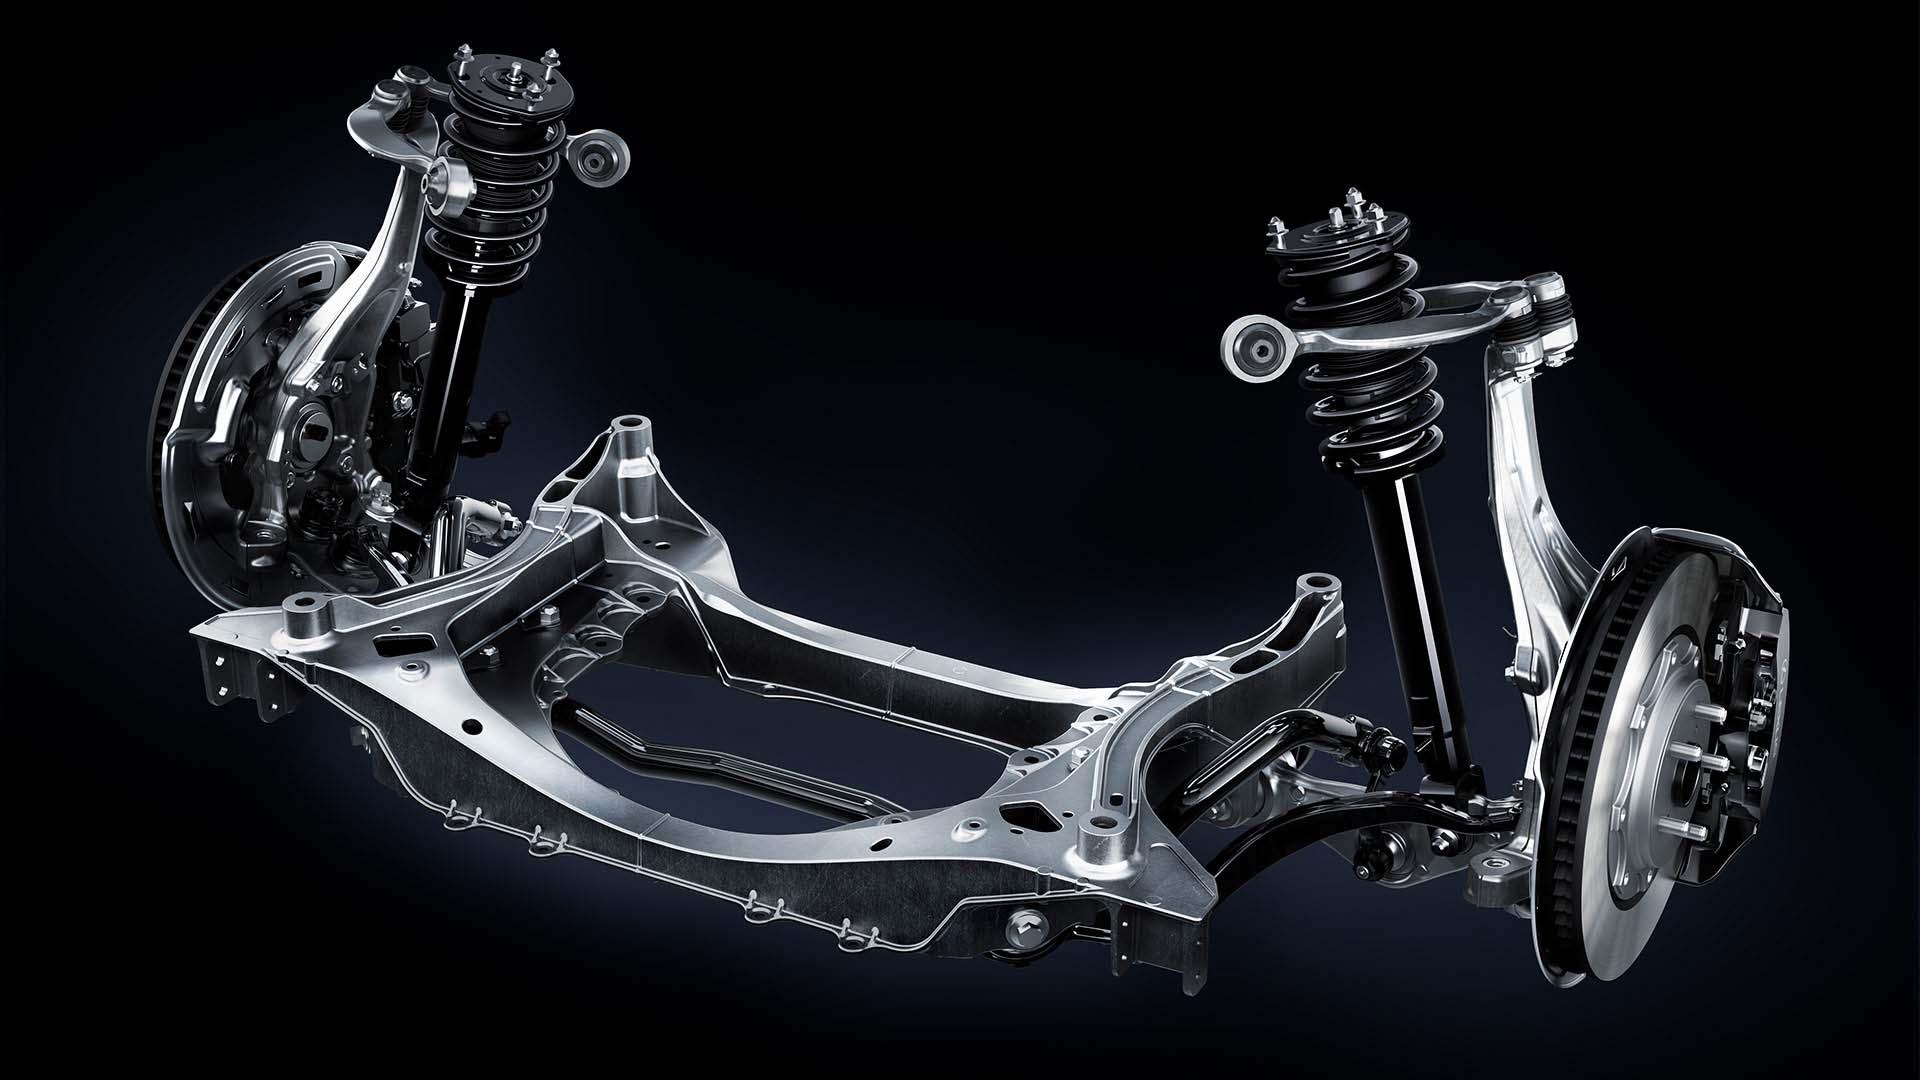 2017 lexus lc 500 features multi link suspension